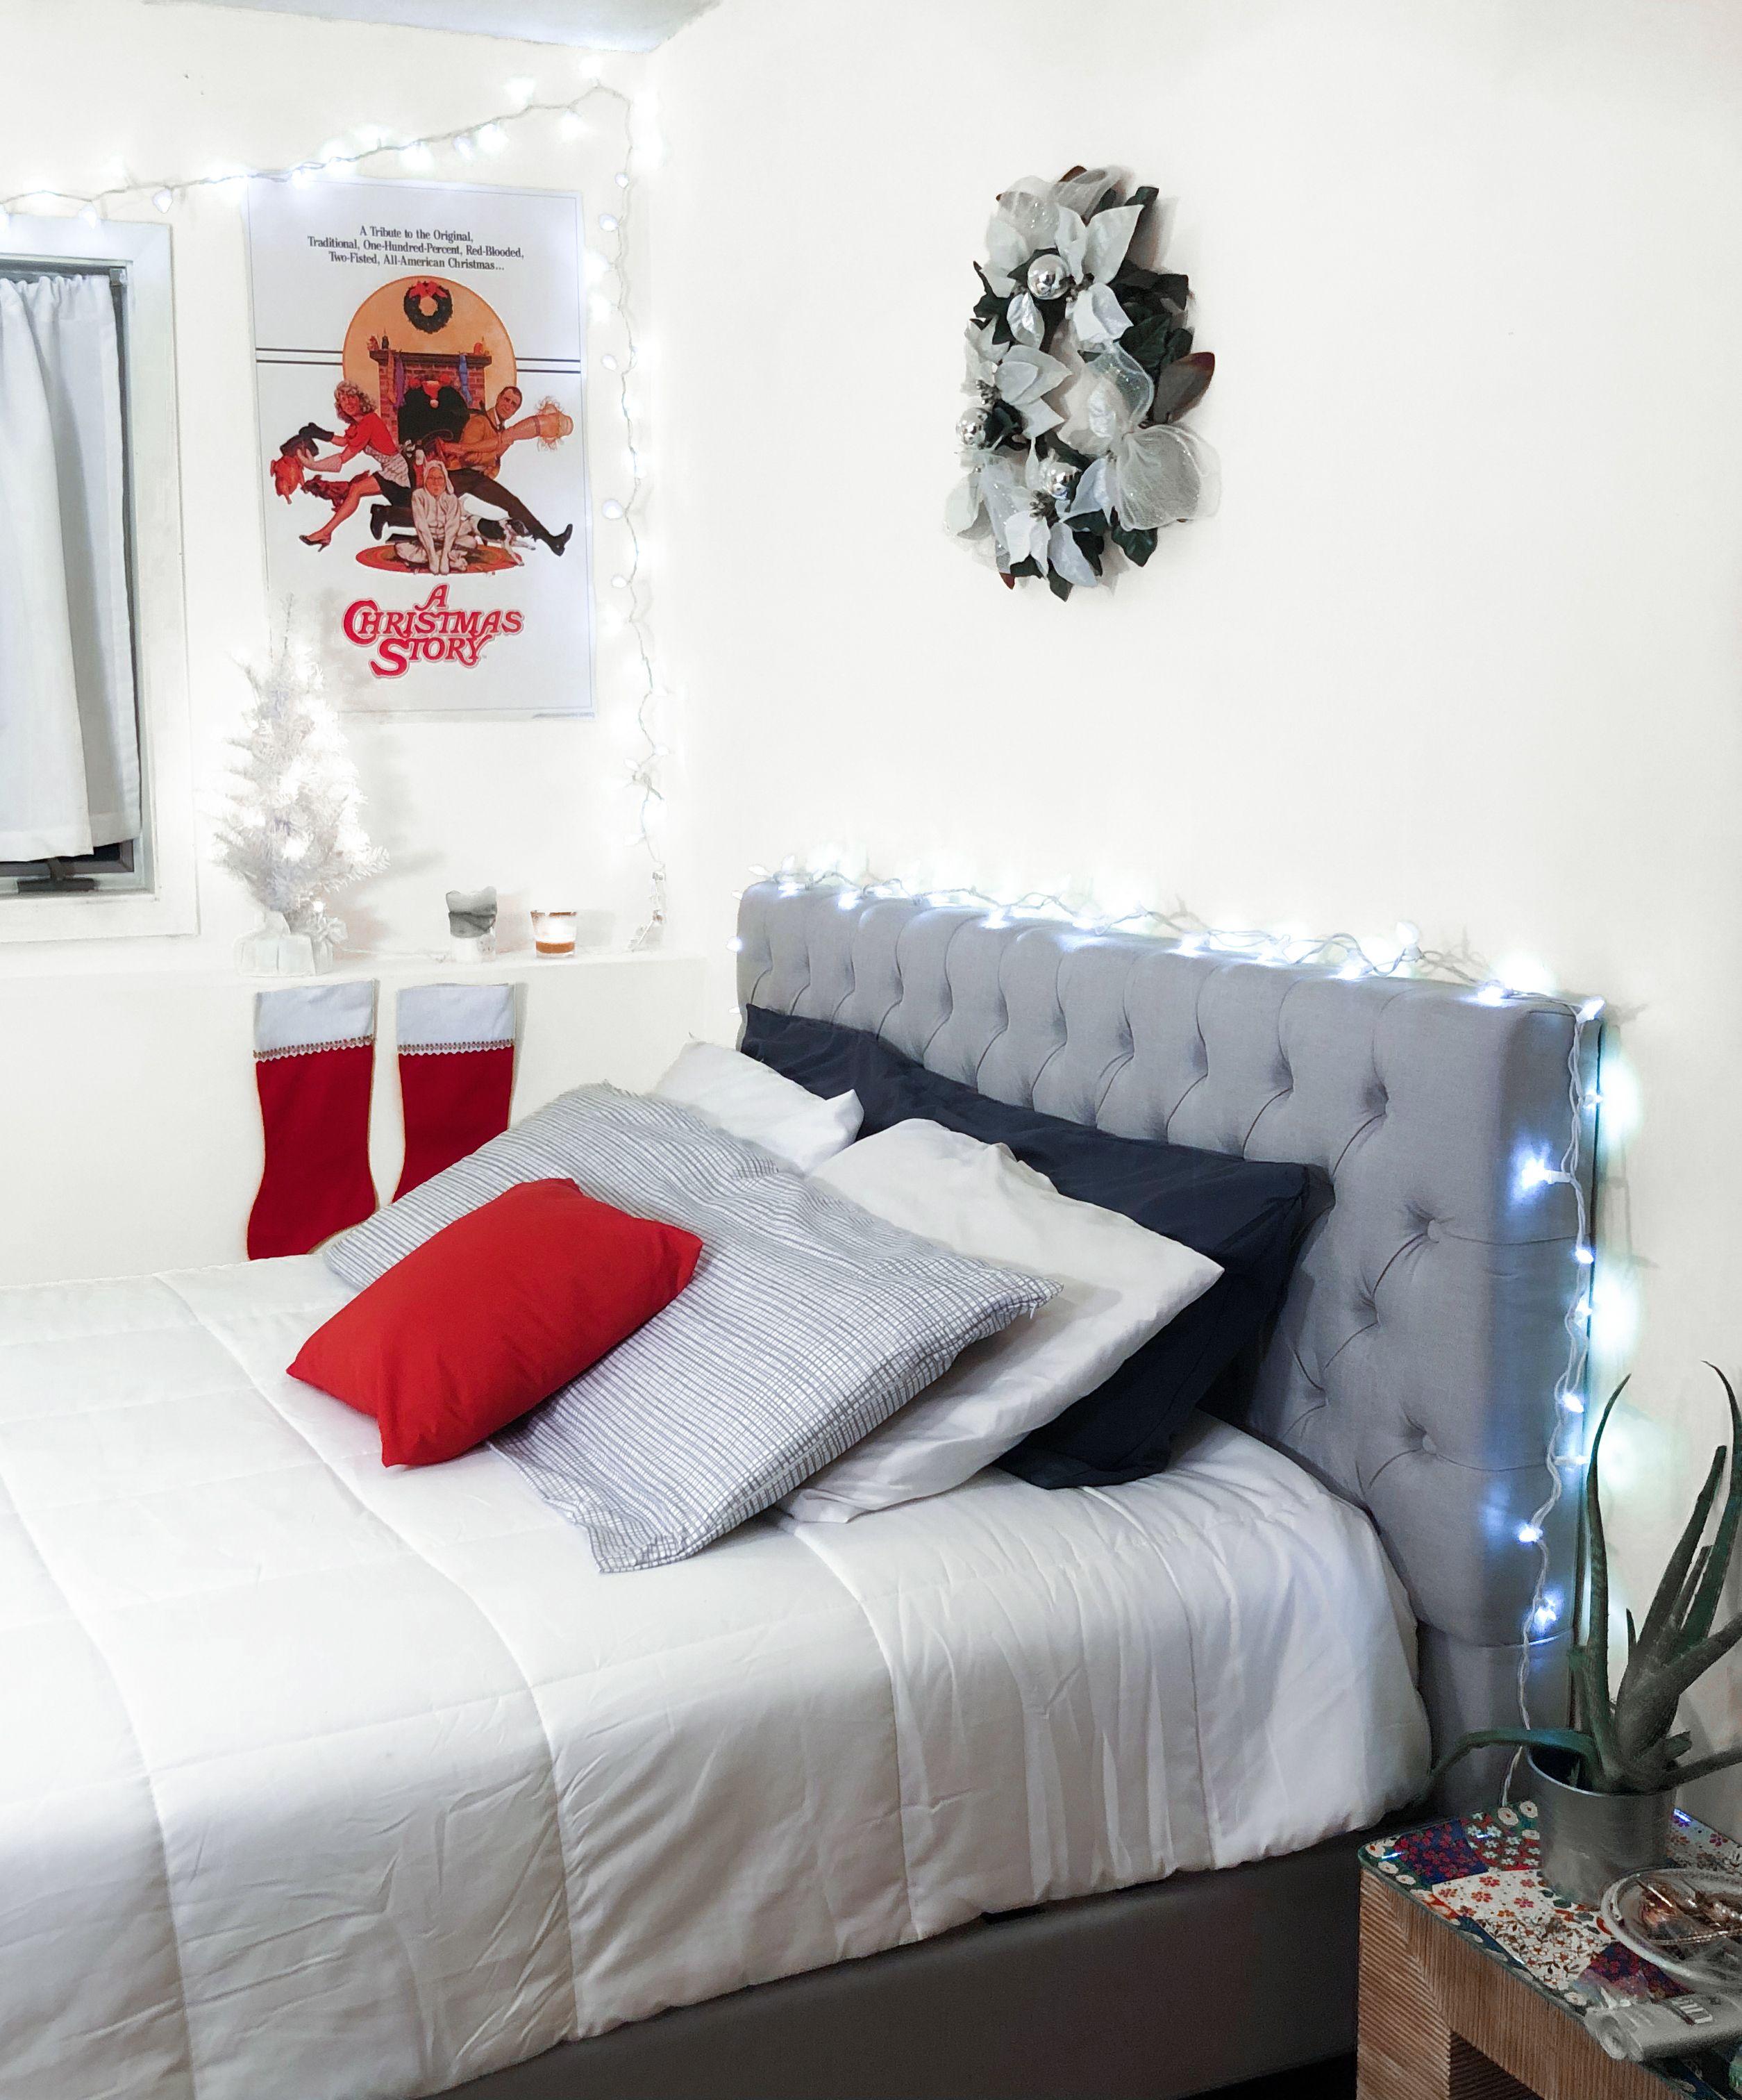 Zinus Upholstered Grand Button Tufted Platform Bed Frame